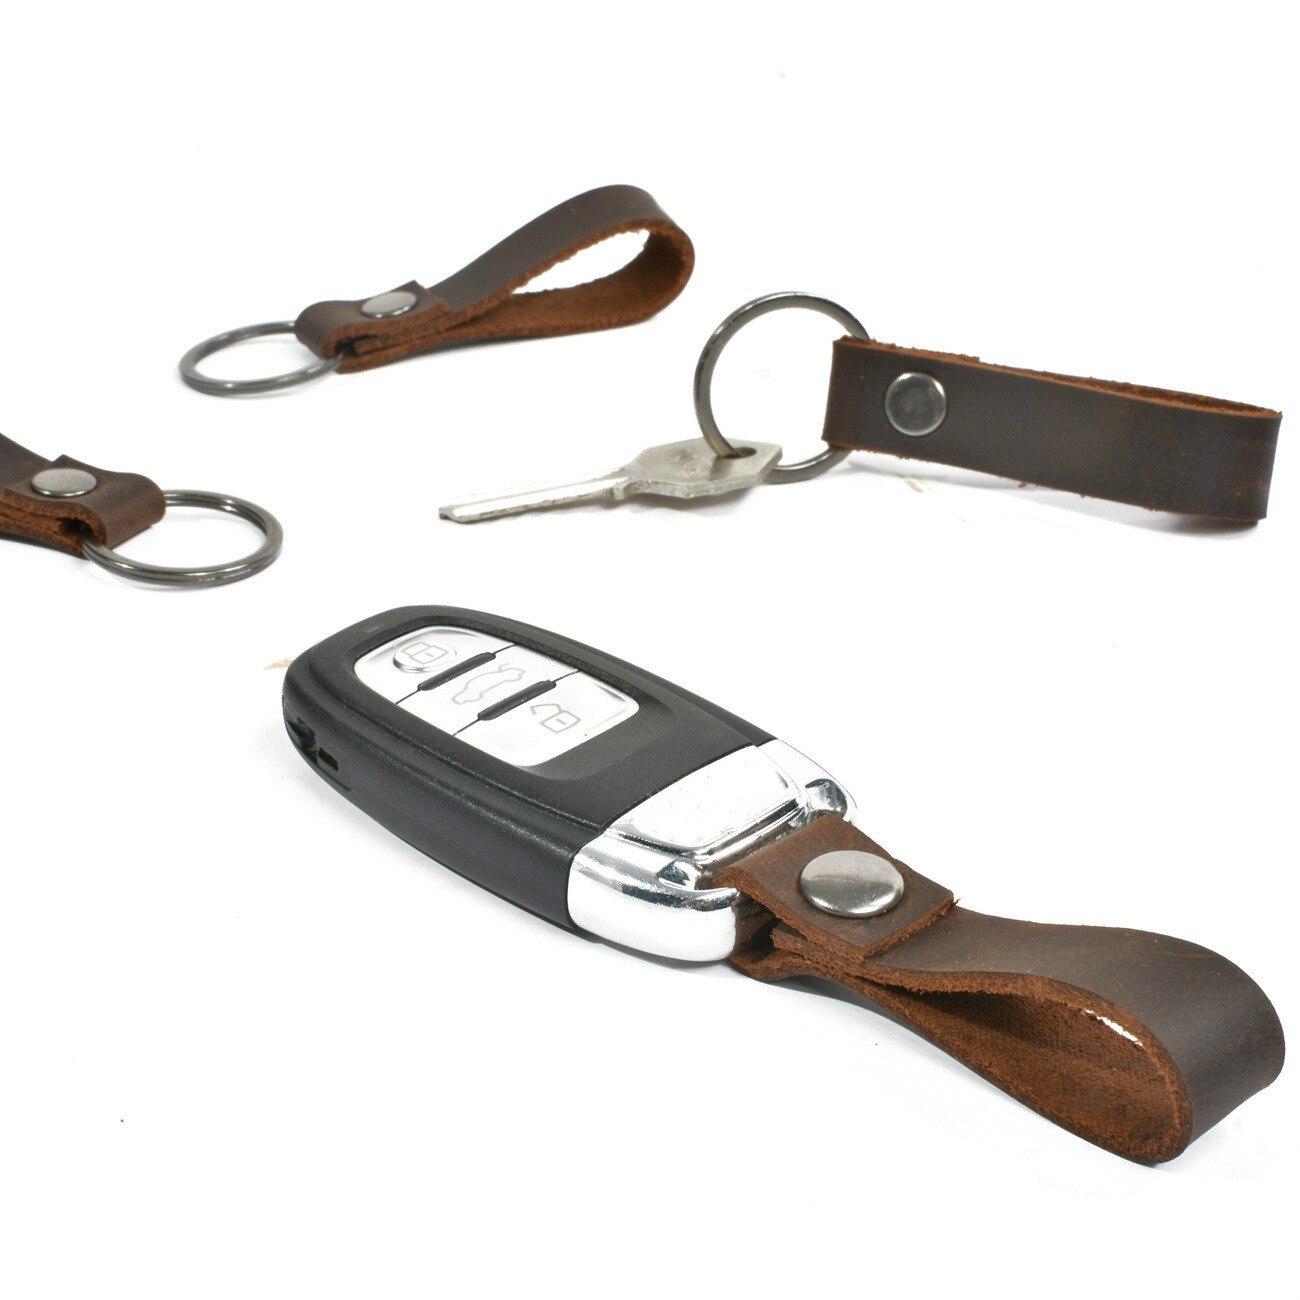 Mini bolso de Soporte para Llavero Cuero de vaca Real llavero de cuero genuino fundas de bolsillo para las llaves del coche mujeres hombres regalo hecho a mano 2019 nuevo